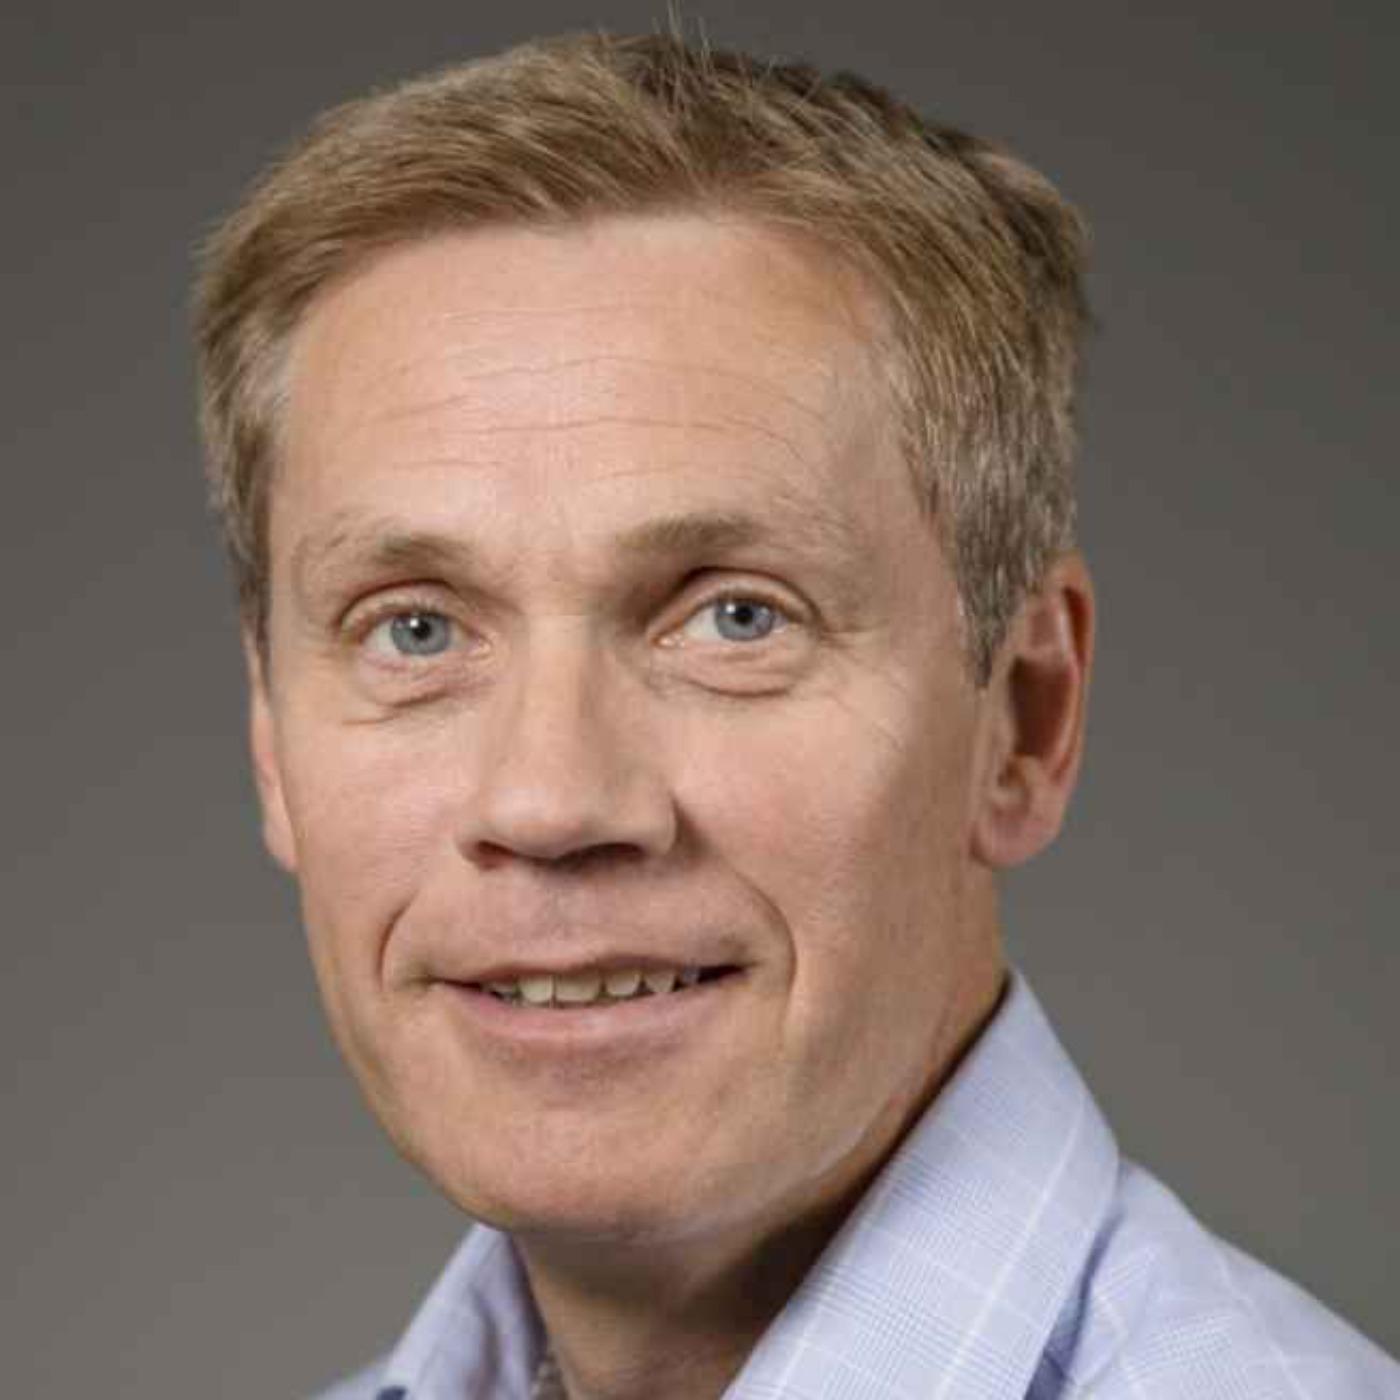 Christer Malm-Professorn om tidig specialisering och tidig utslagning inom barnidrott